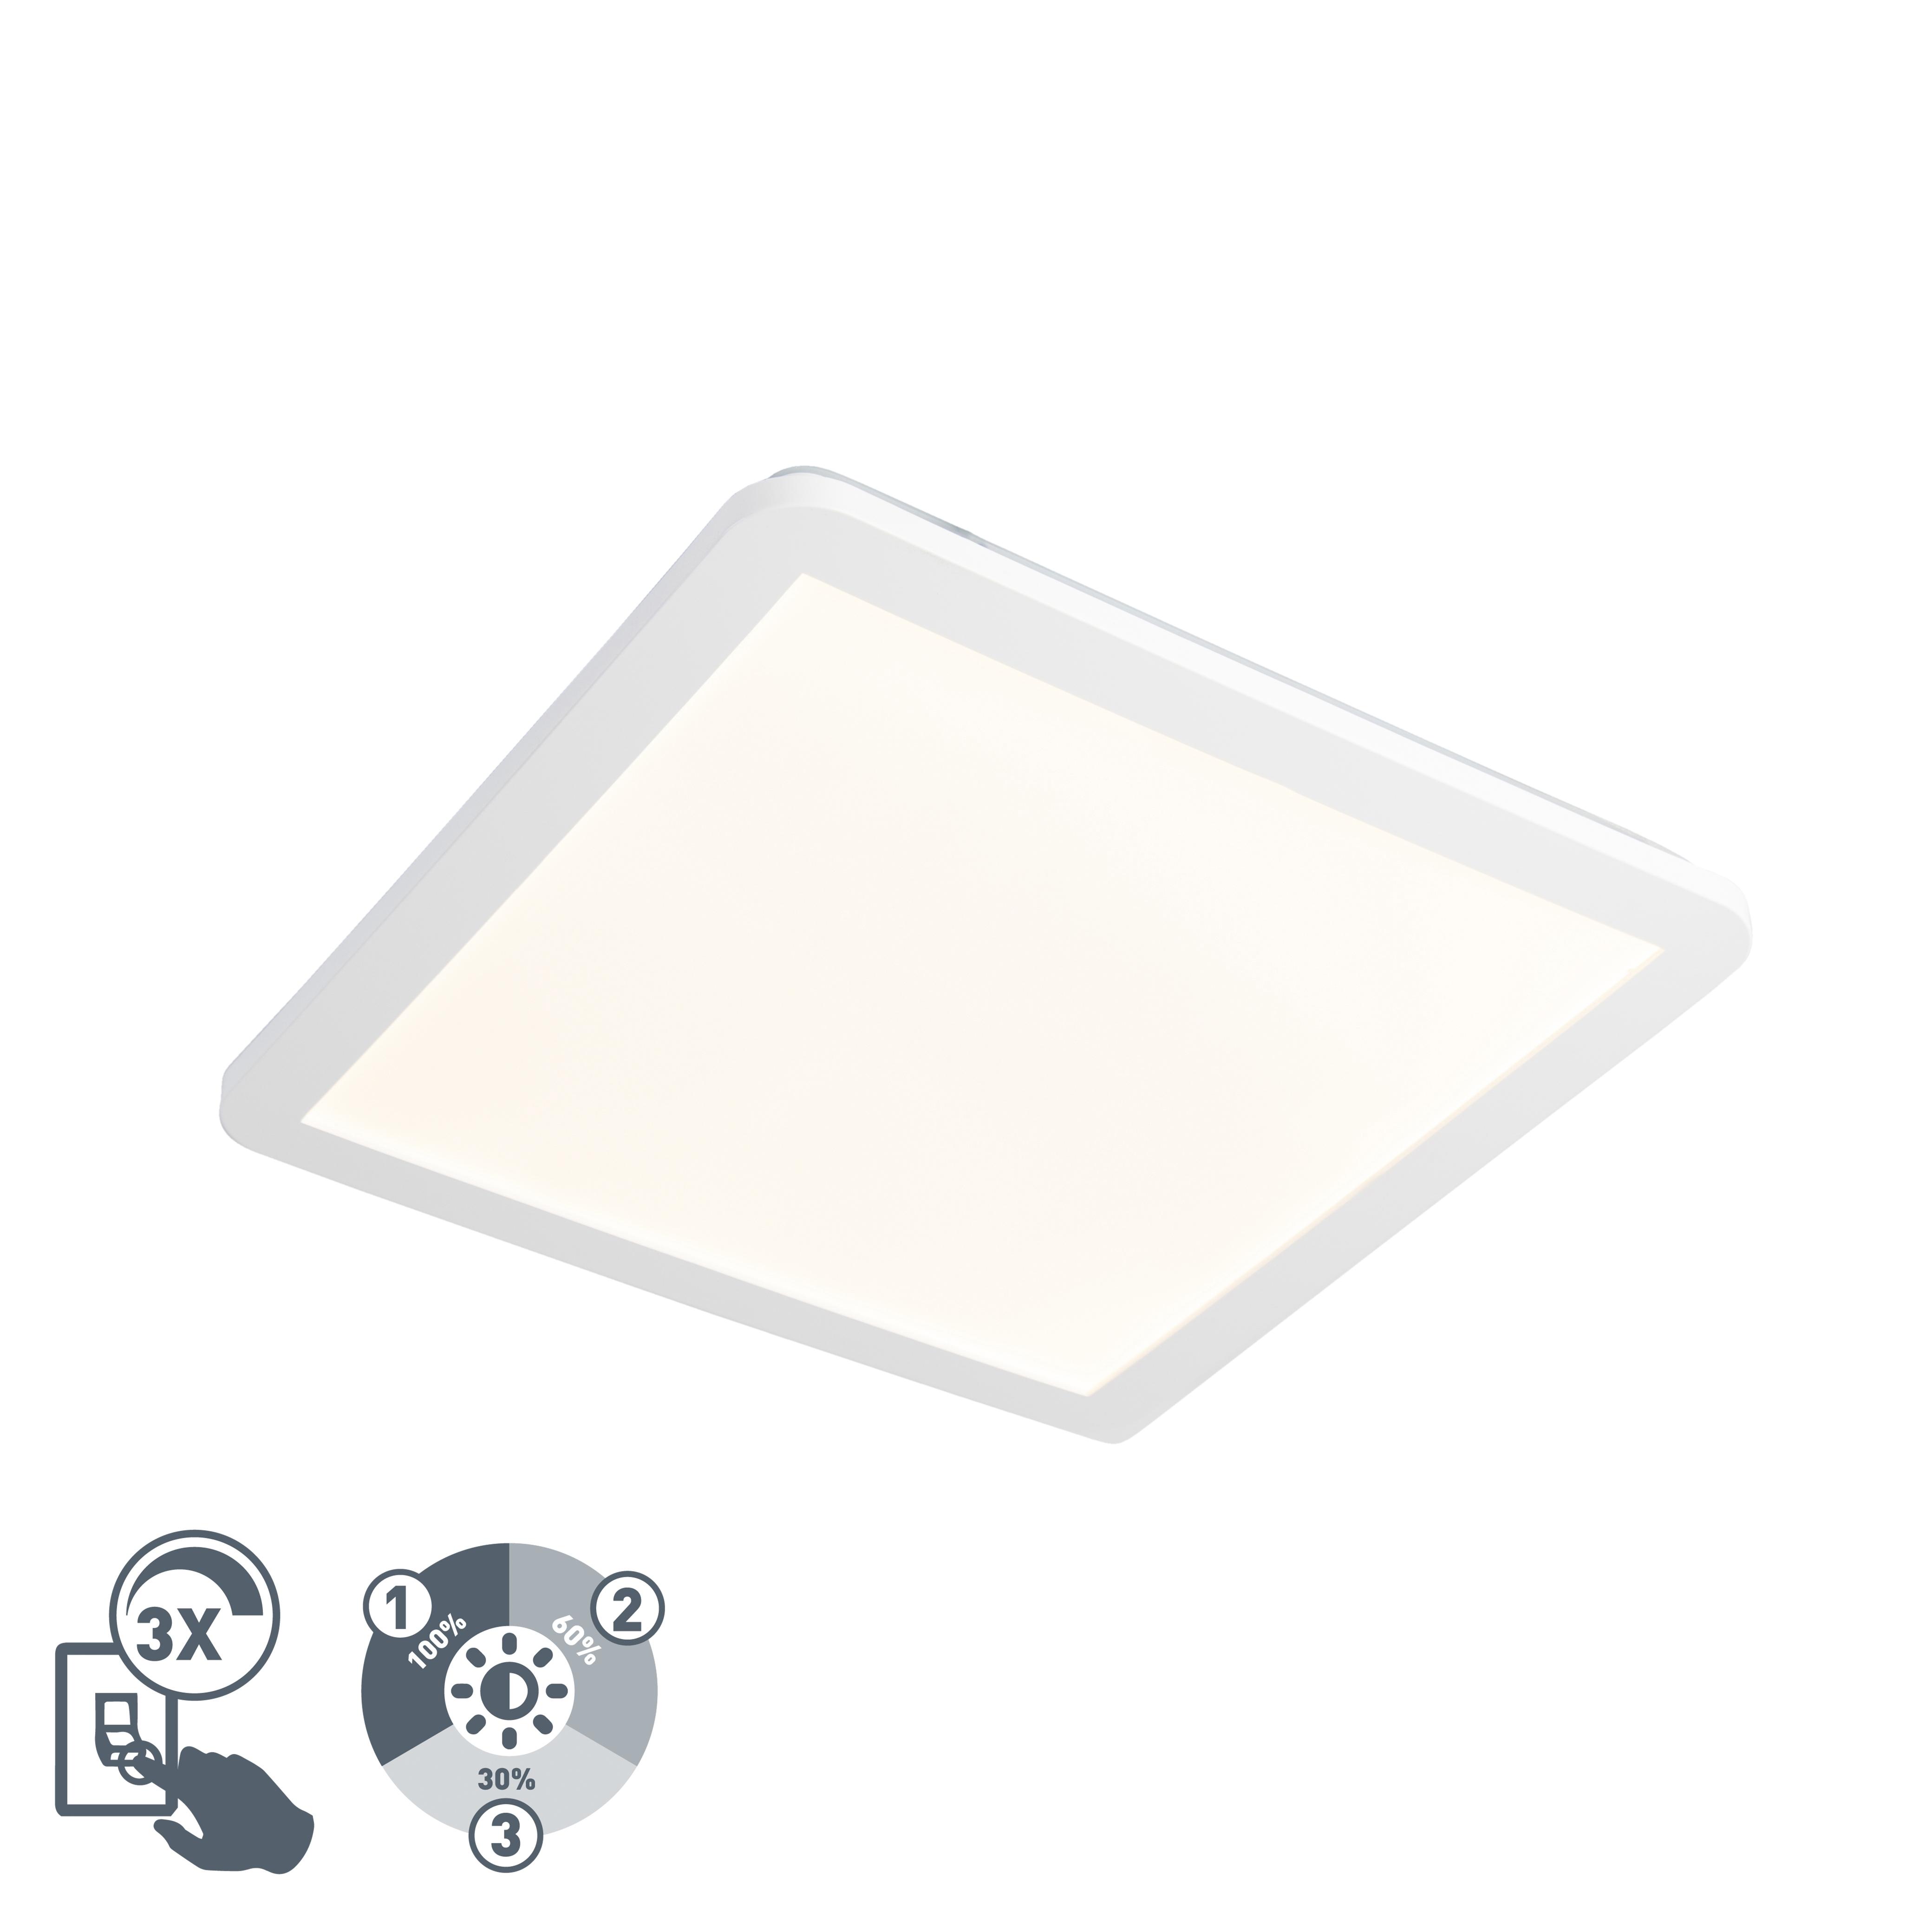 Plafon kwadratowy biały 40cm IP44 3-stopniowe ściemnianie LED - Camilla